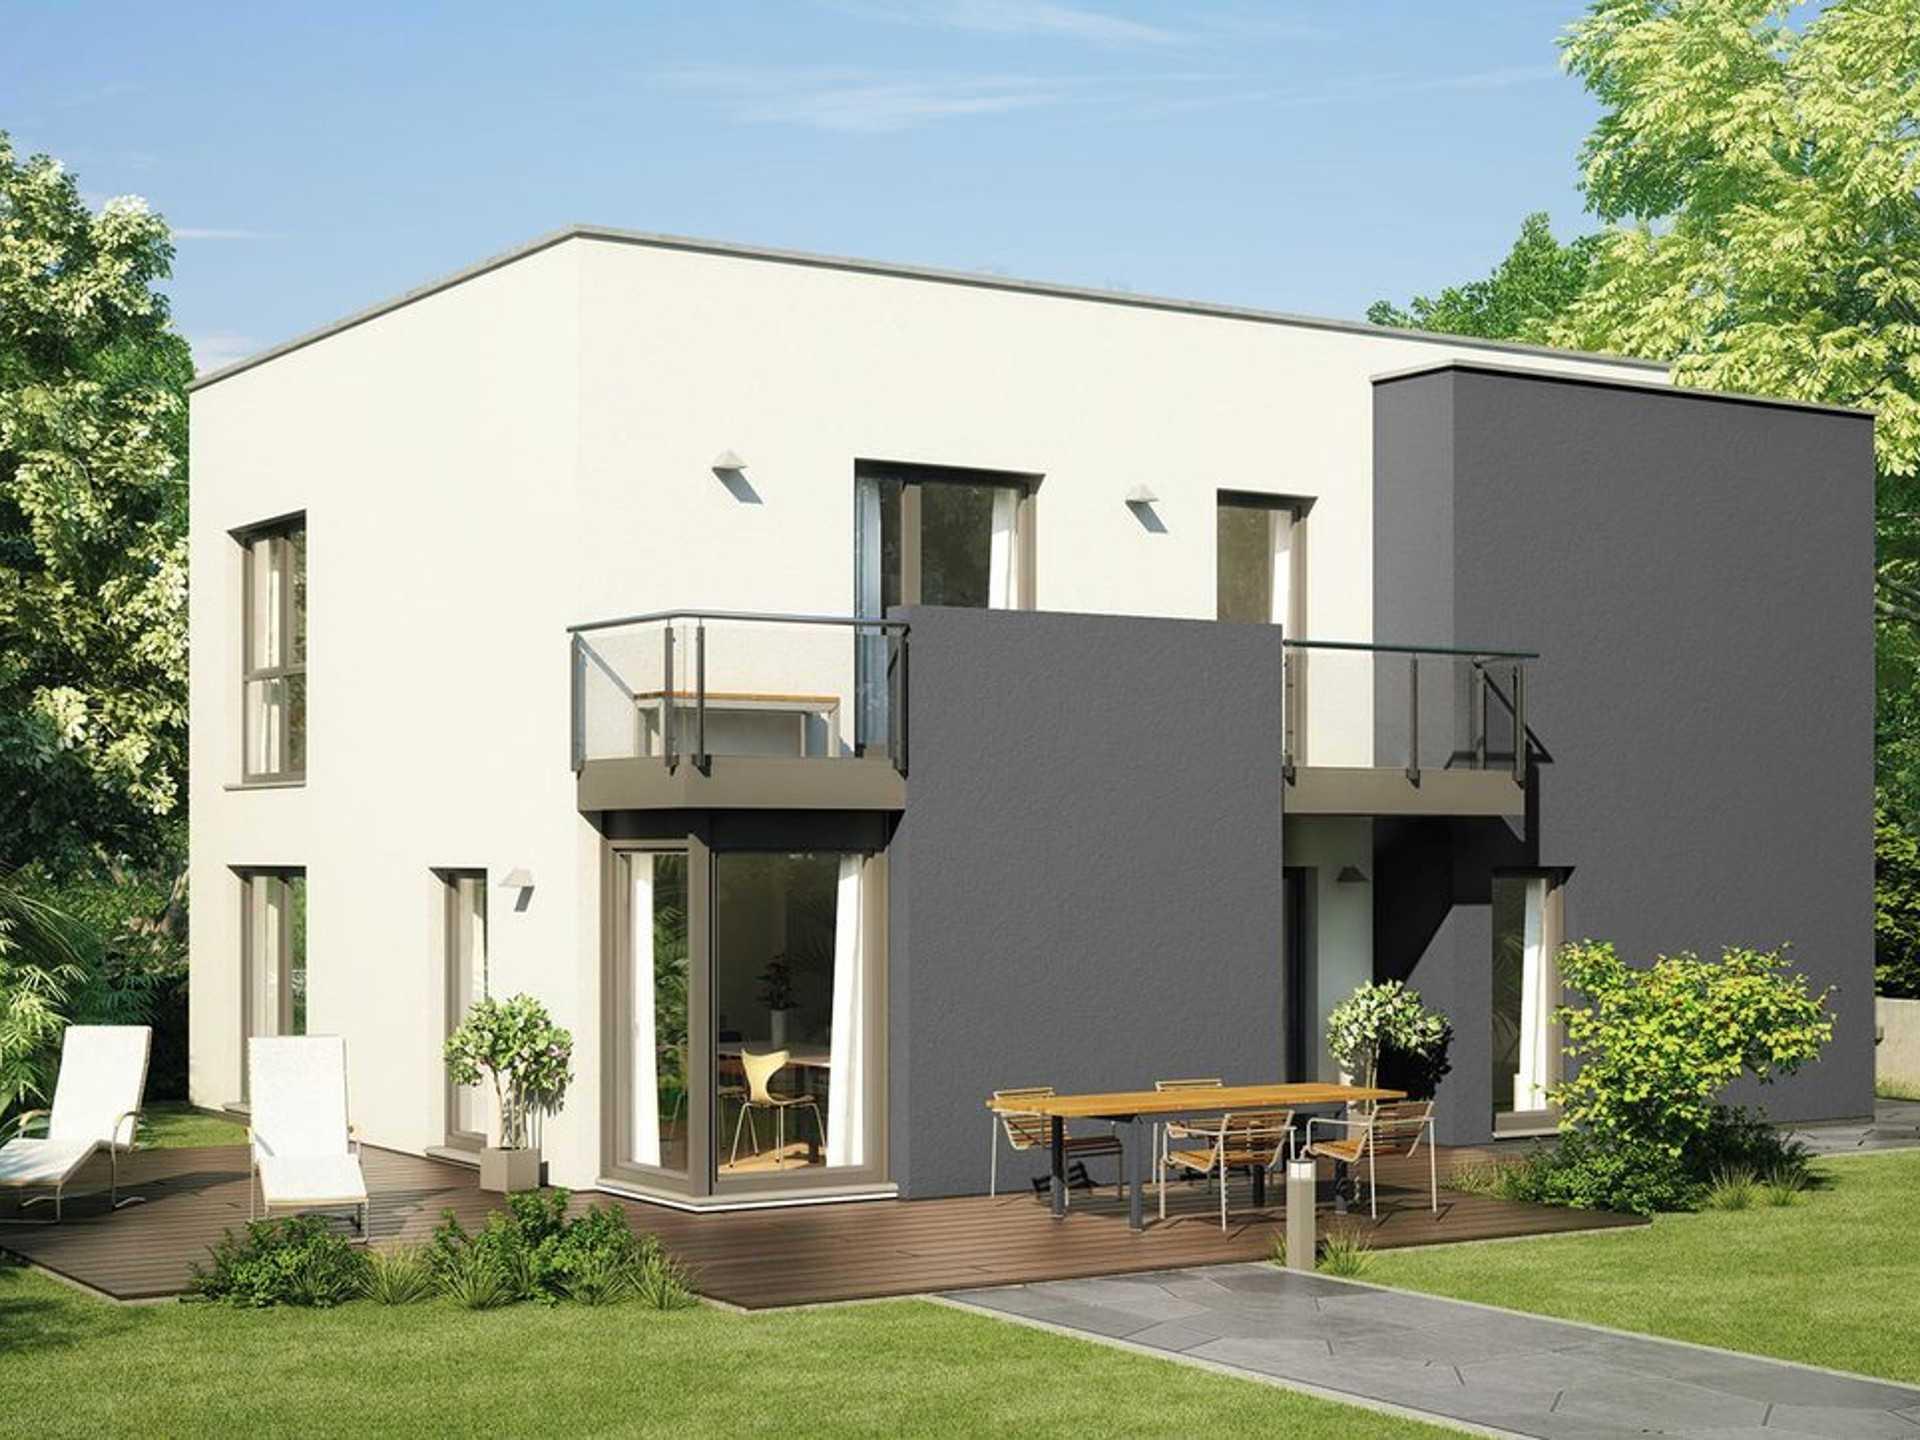 Aussenansicht Architektur Trend 100 von FingerHaus GmbH